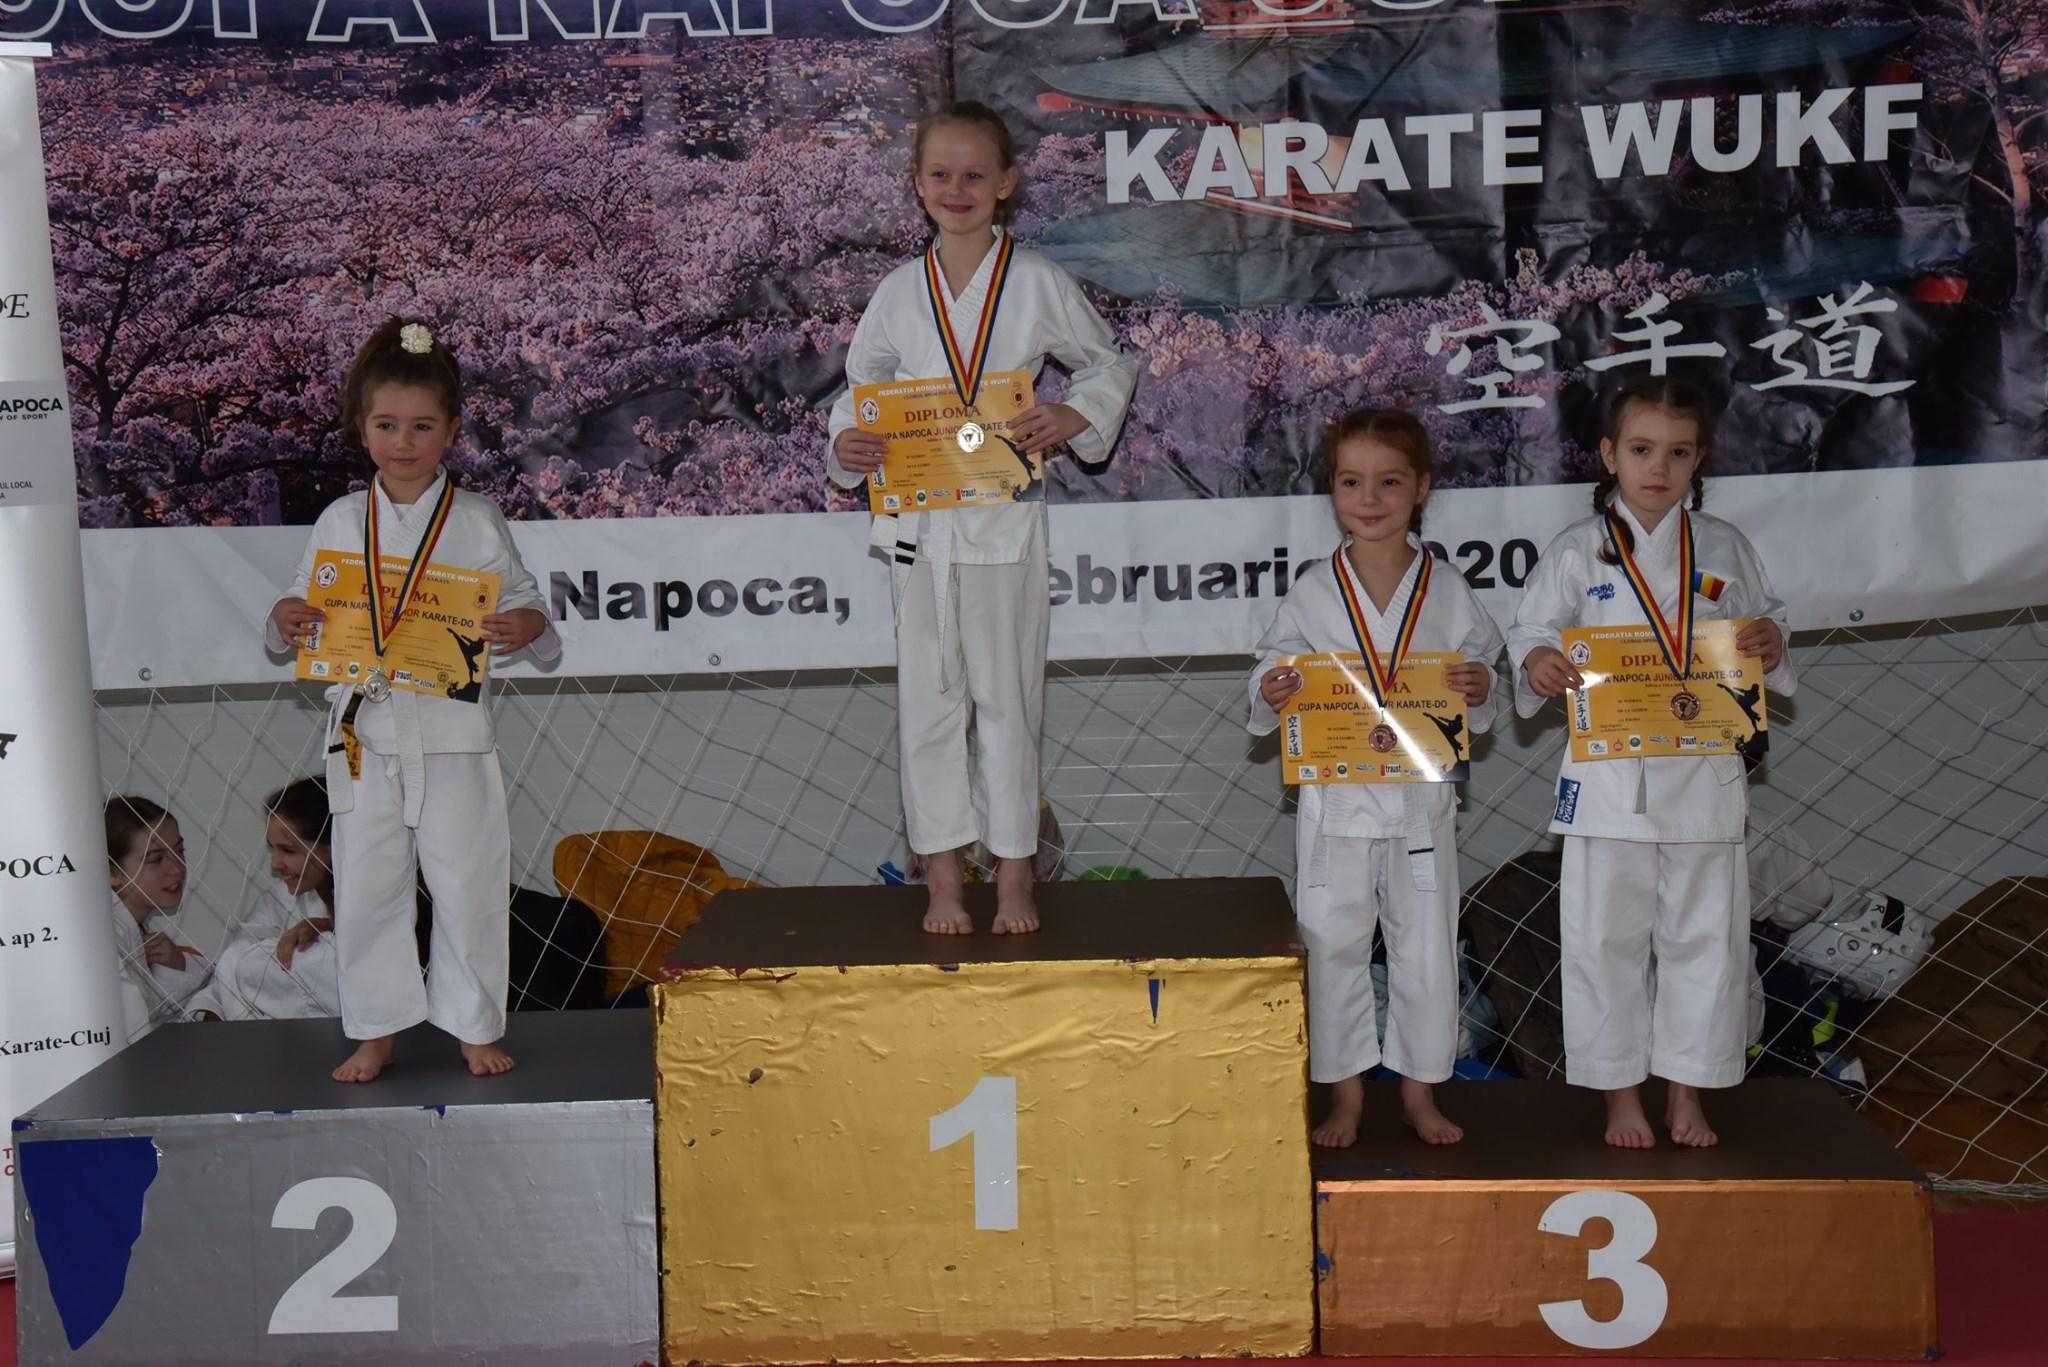 karate wukf 2020 cluj napoca